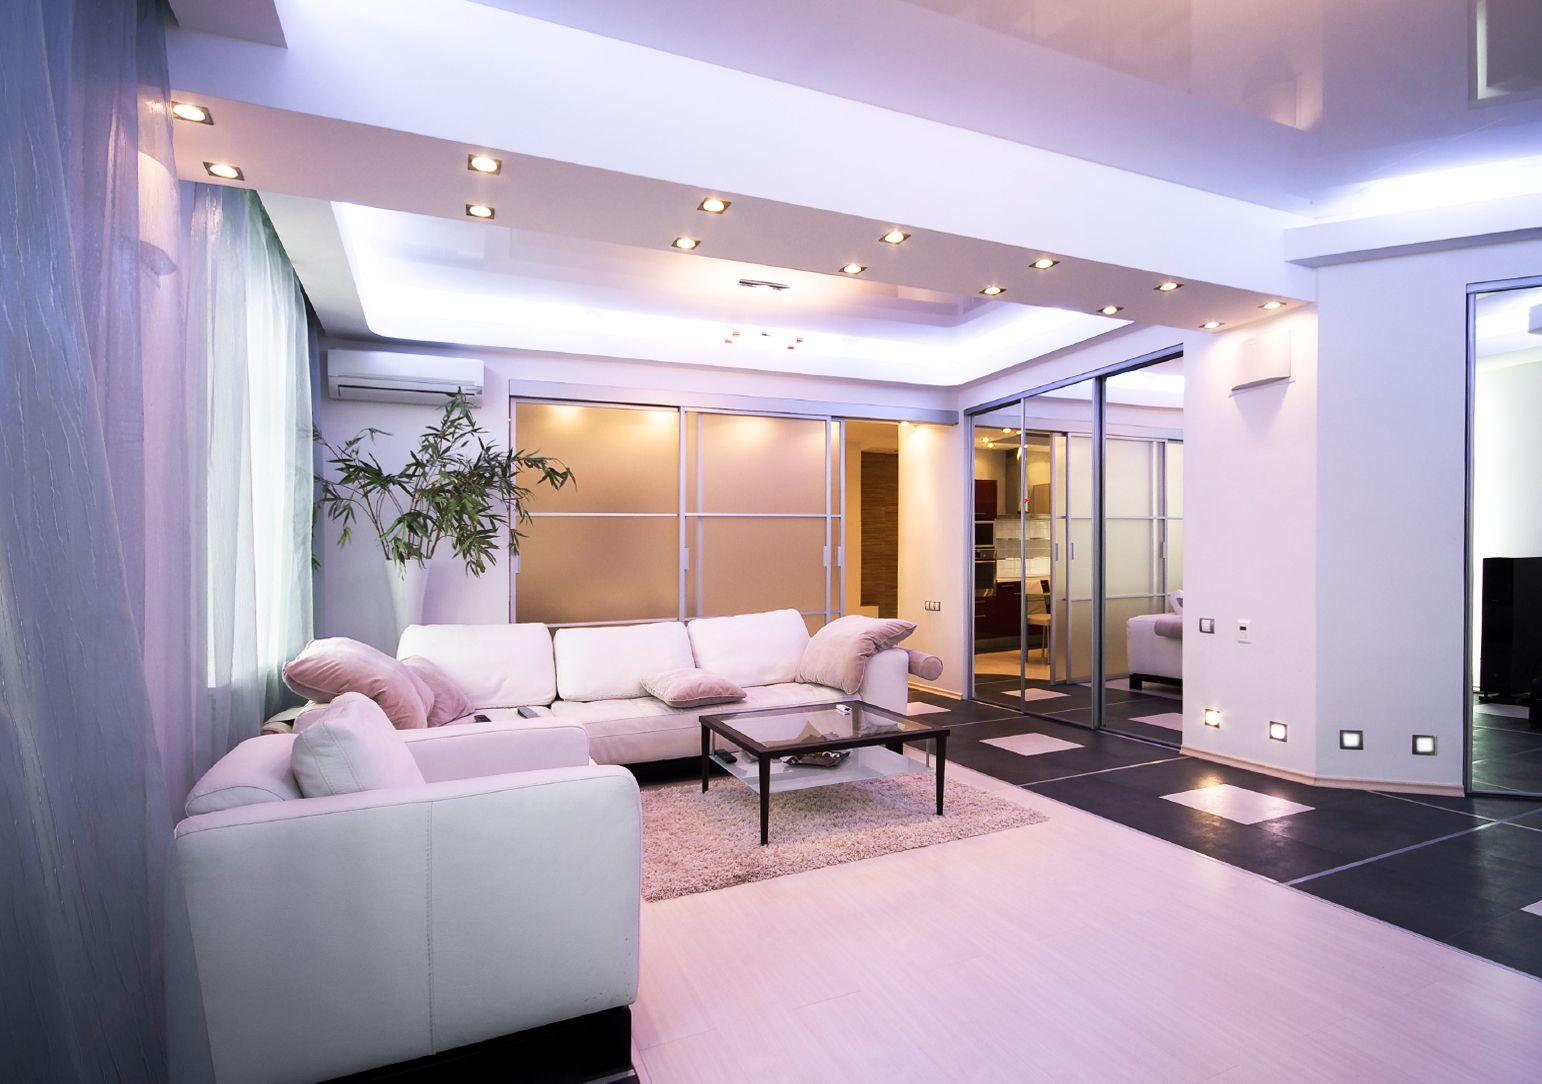 Beleuchtungsideen Für Wohnzimmer  Mit Deckenleichten Und Indirekter Deckenbeleuchtung Design